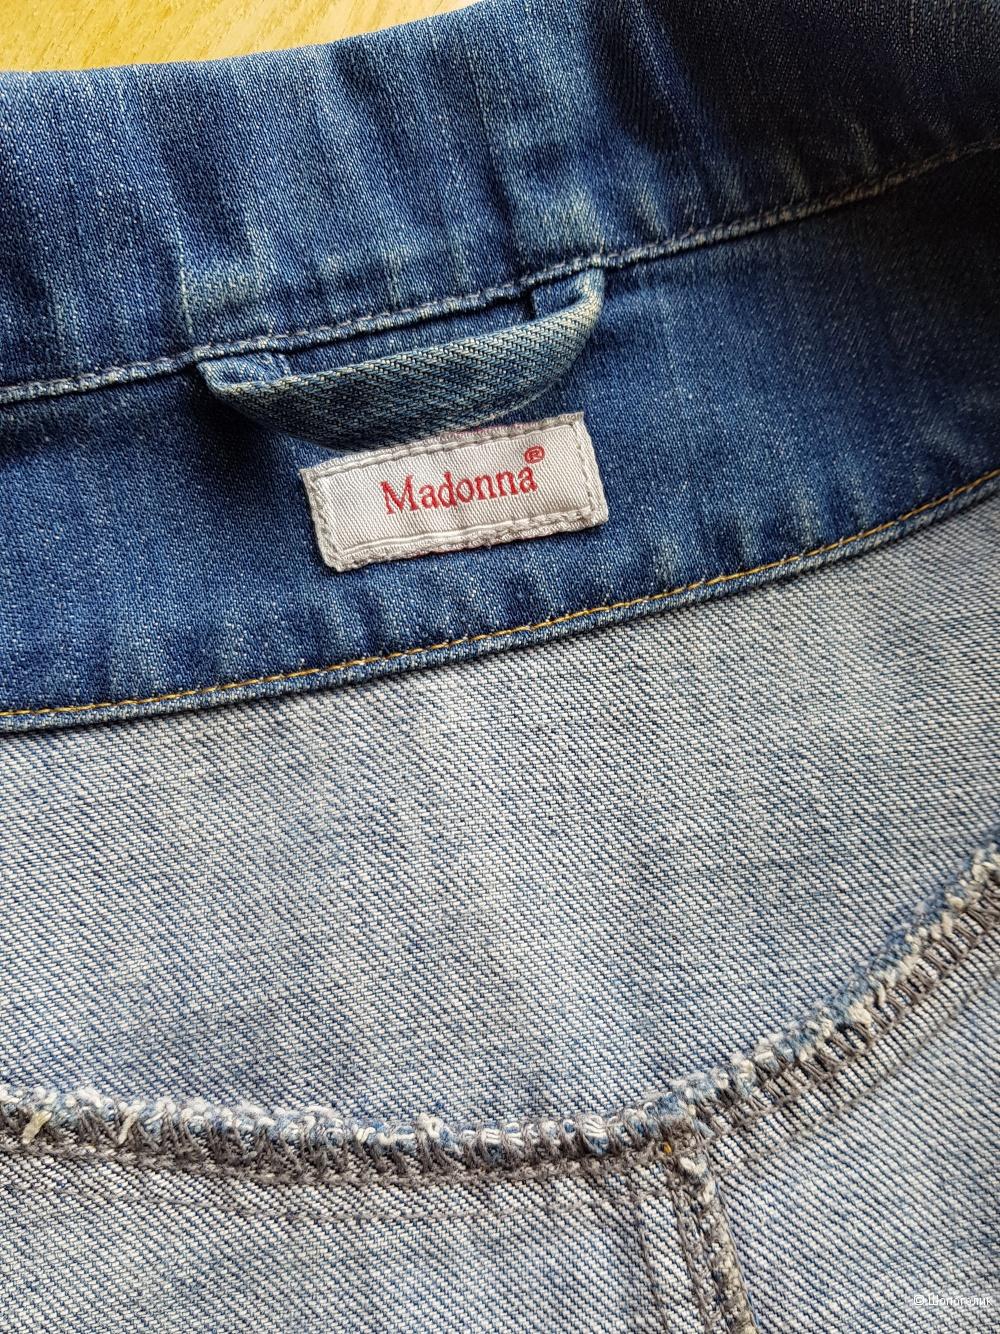 Джинсовый жакет Madonna S размер